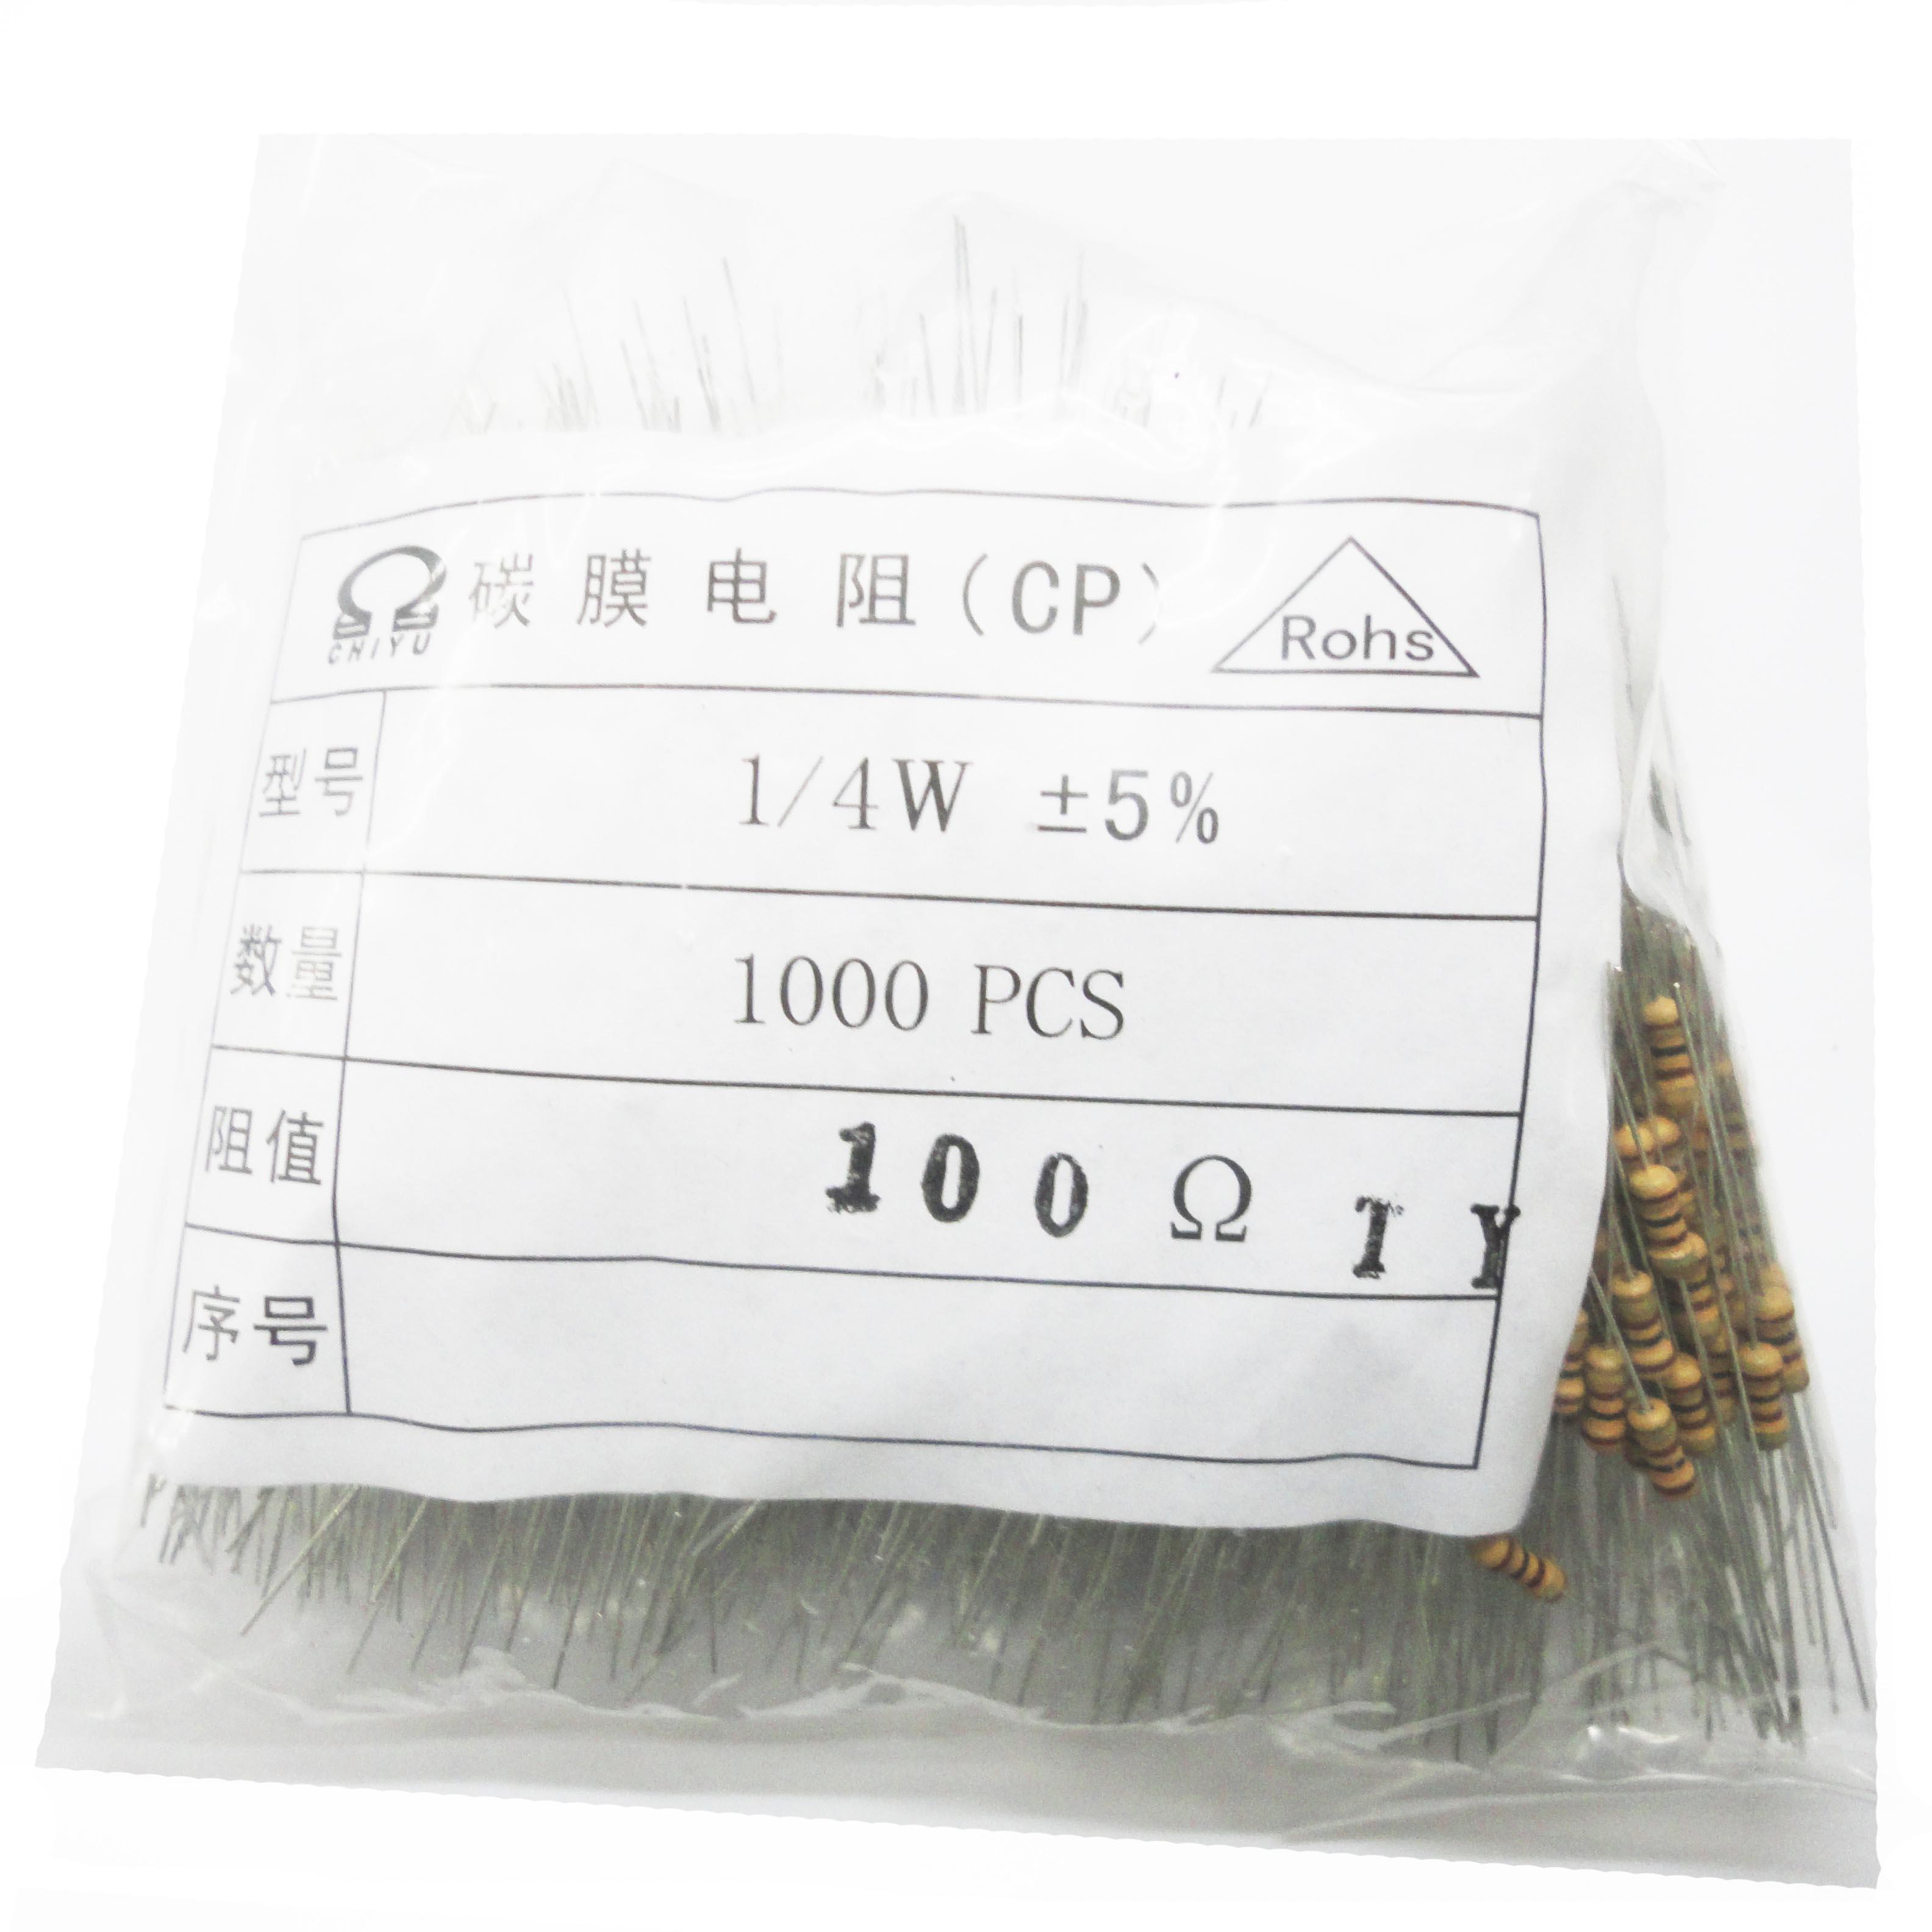 1000 unids/lote 1/4W 180R 180 nueva marca de película de carbono resistencia envío gratis